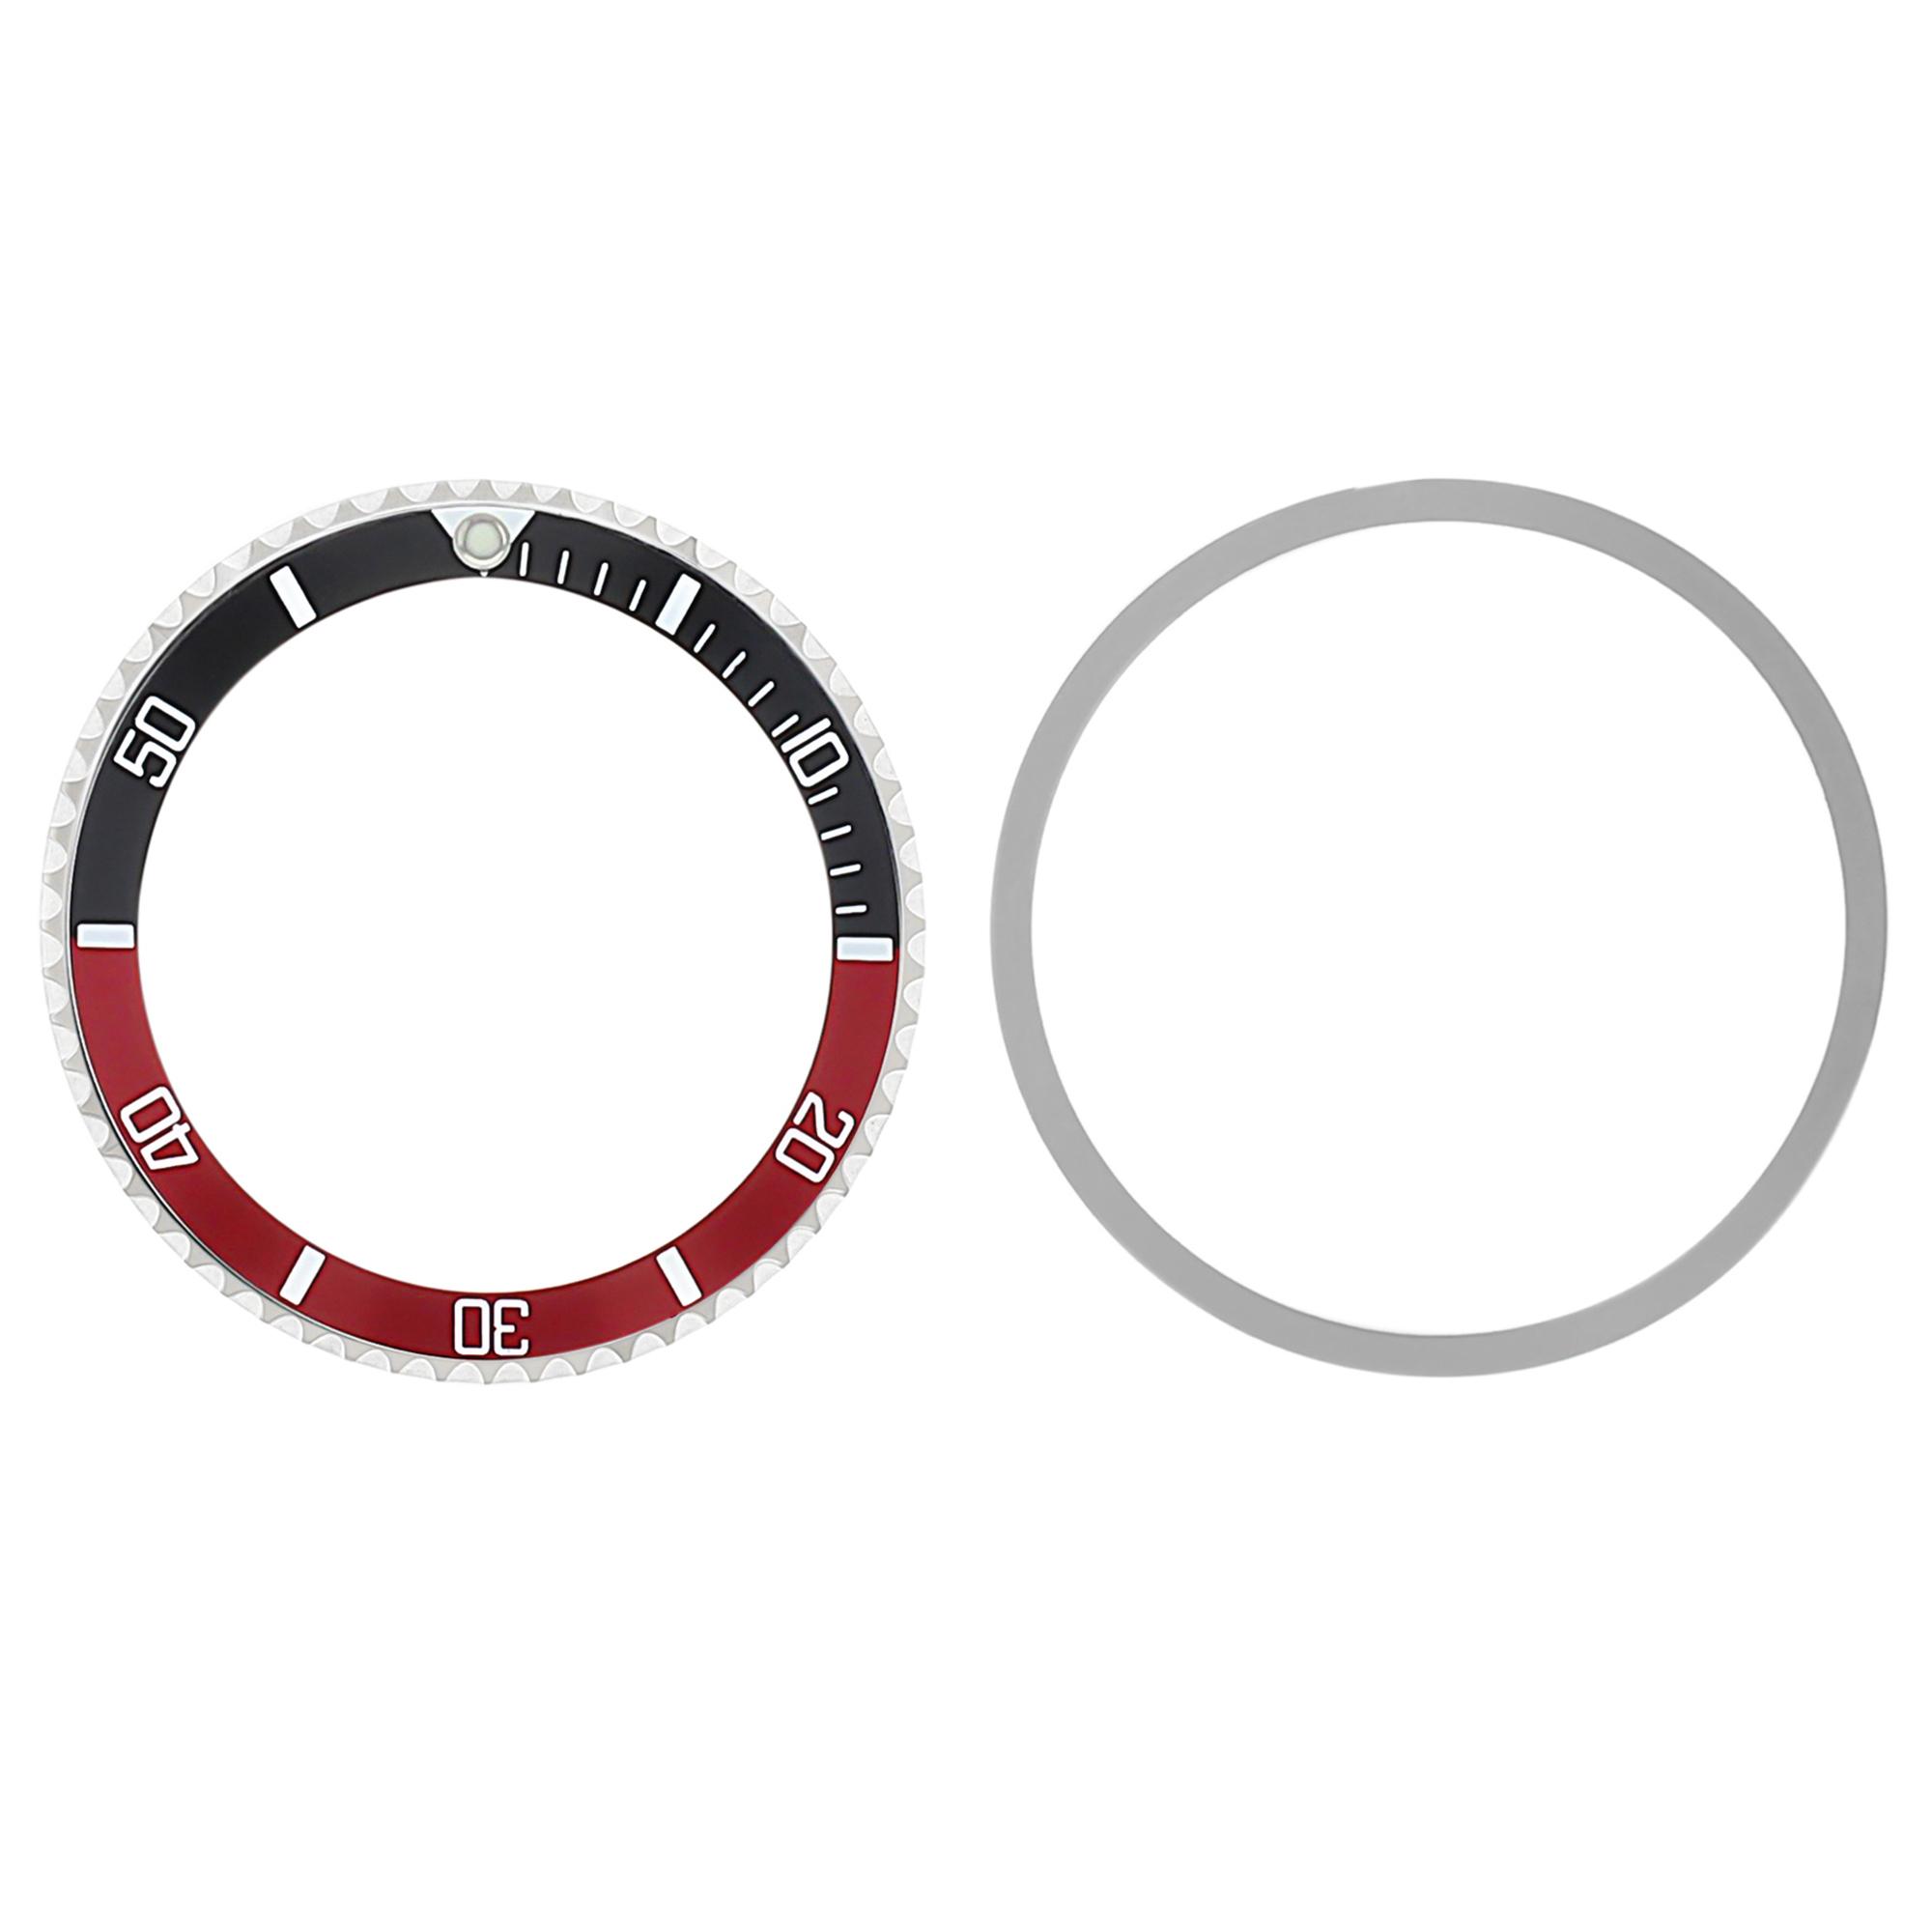 BEZEL+ INSERT FOR TUDOR  SUBMARINER 7928, 7016, 9401, 76100, 94010 BLACK/RED